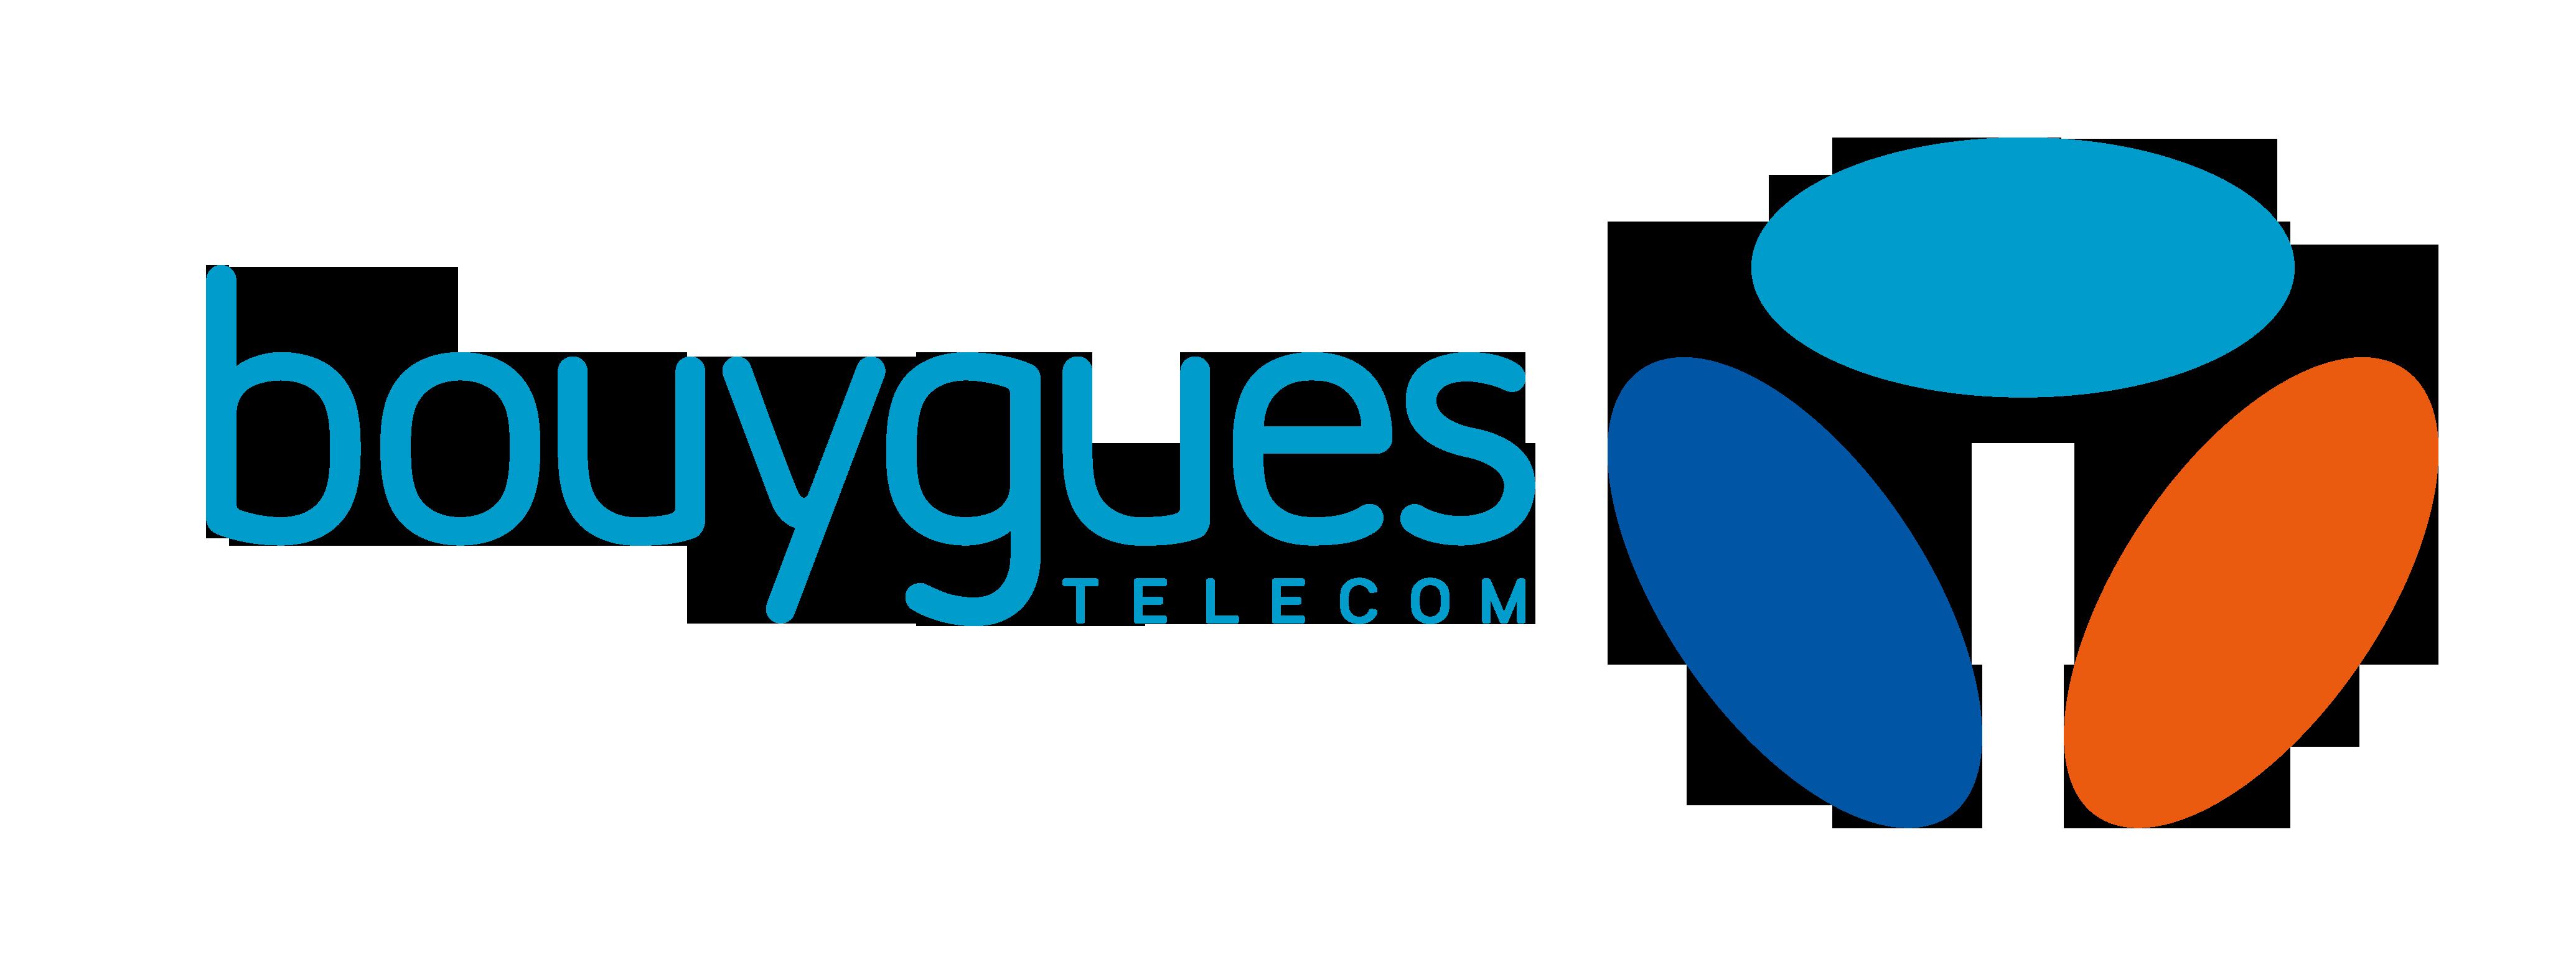 Bouygues Tu00e9lu00e9com.png